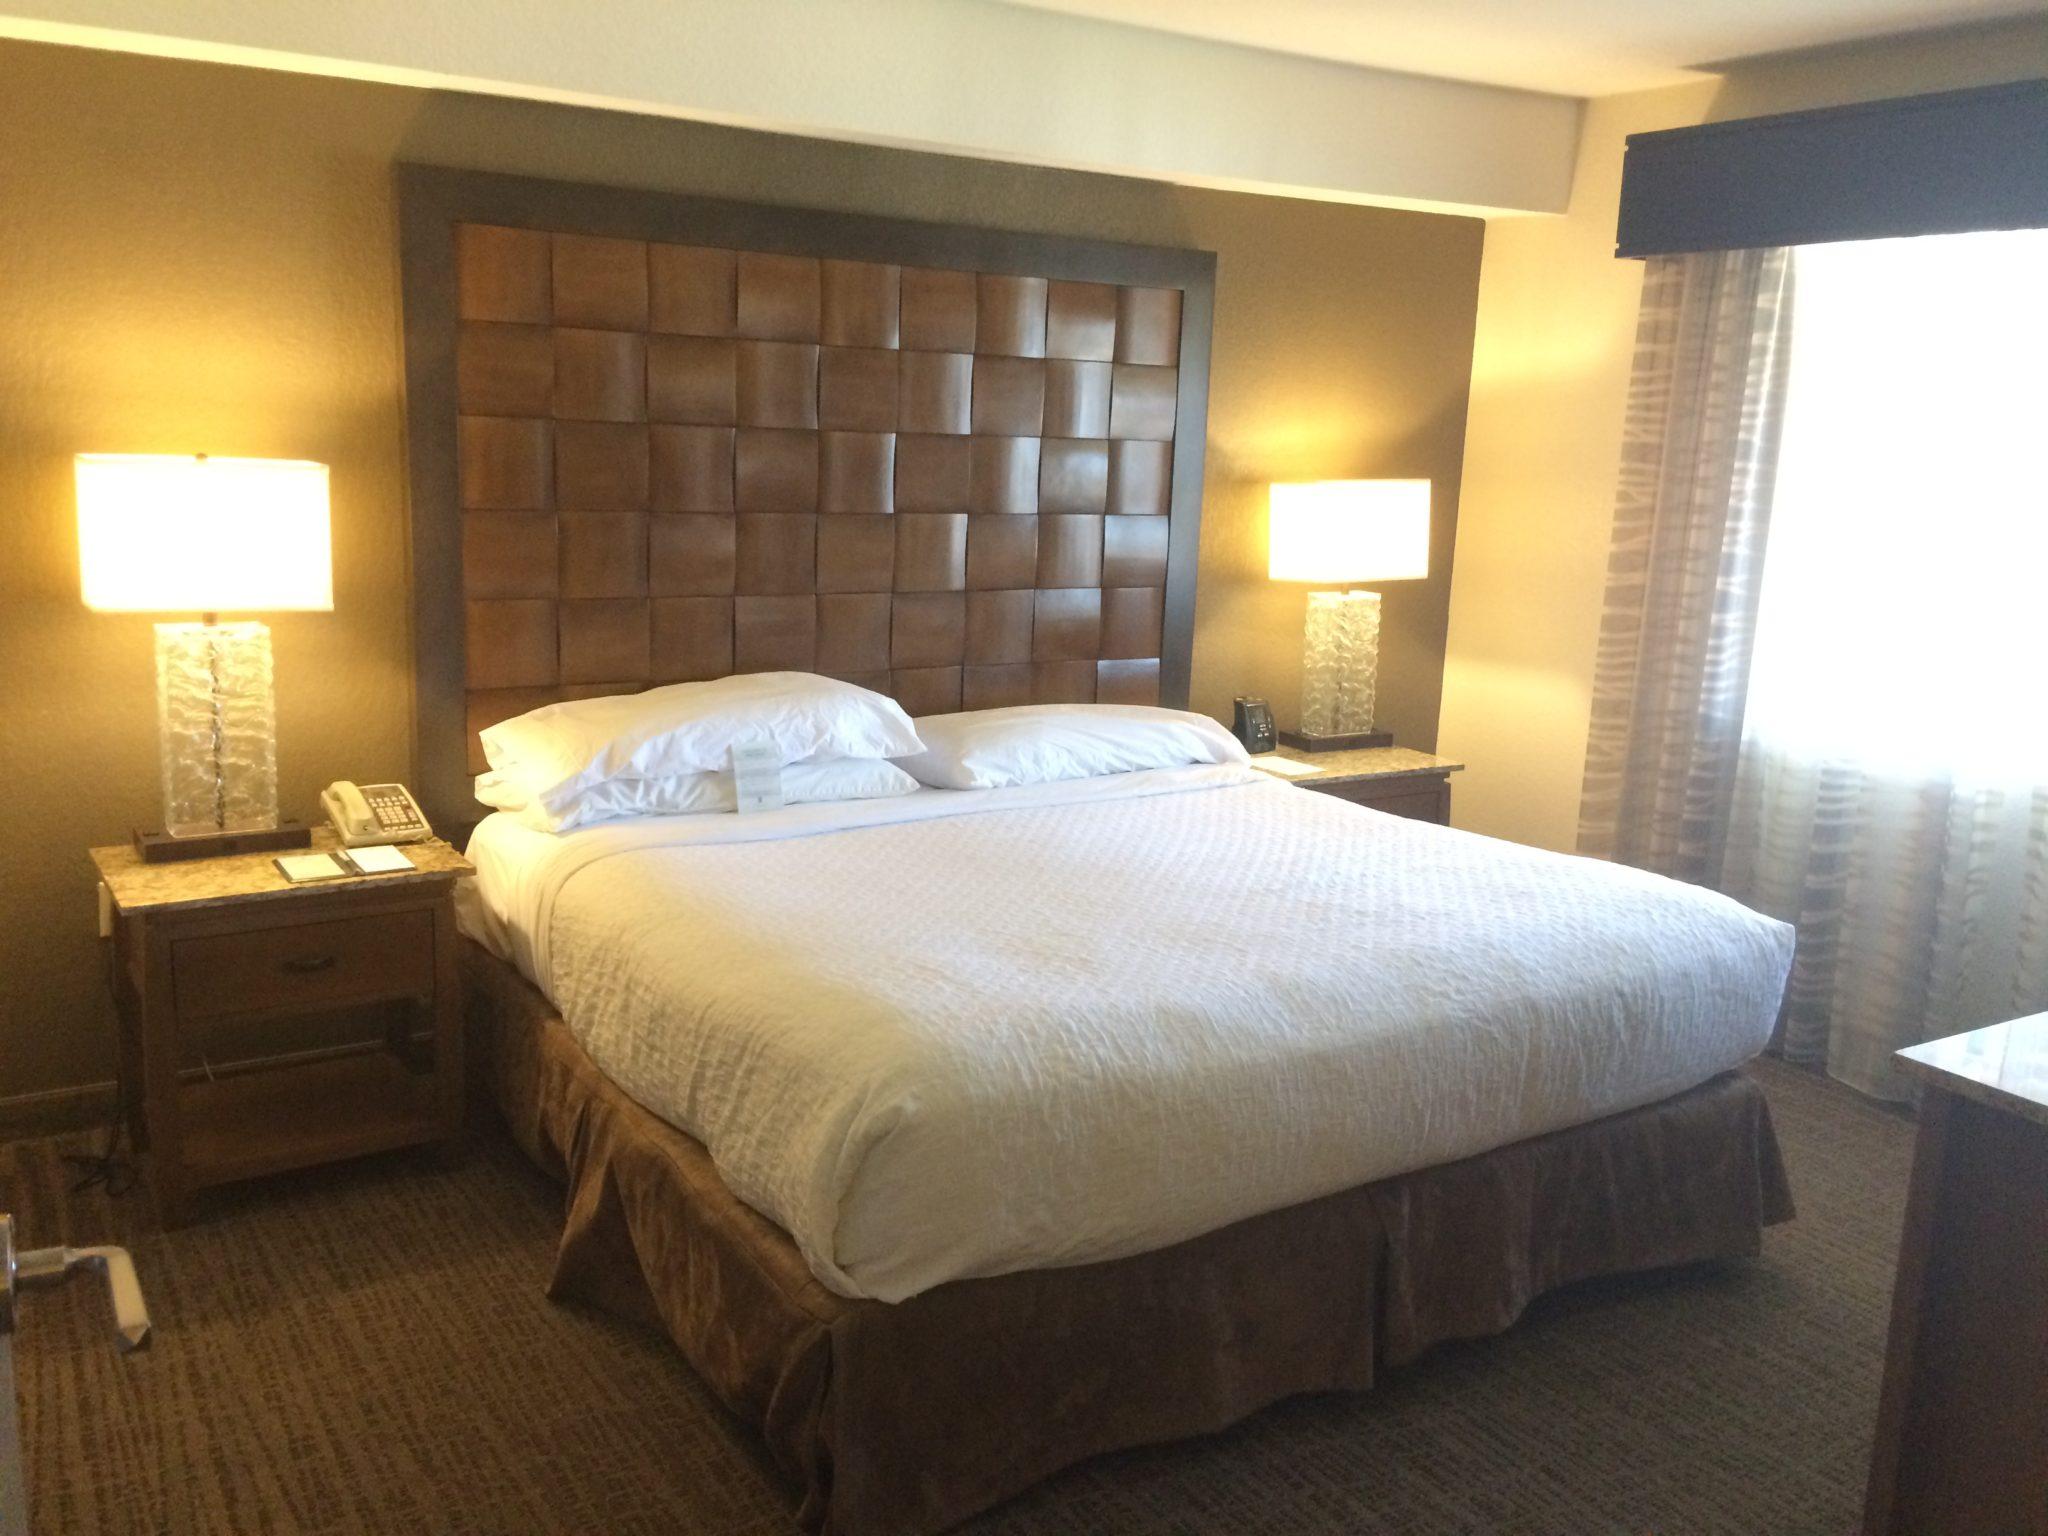 Hotel Review Embassy Suites Mandalay Beach Near Santa